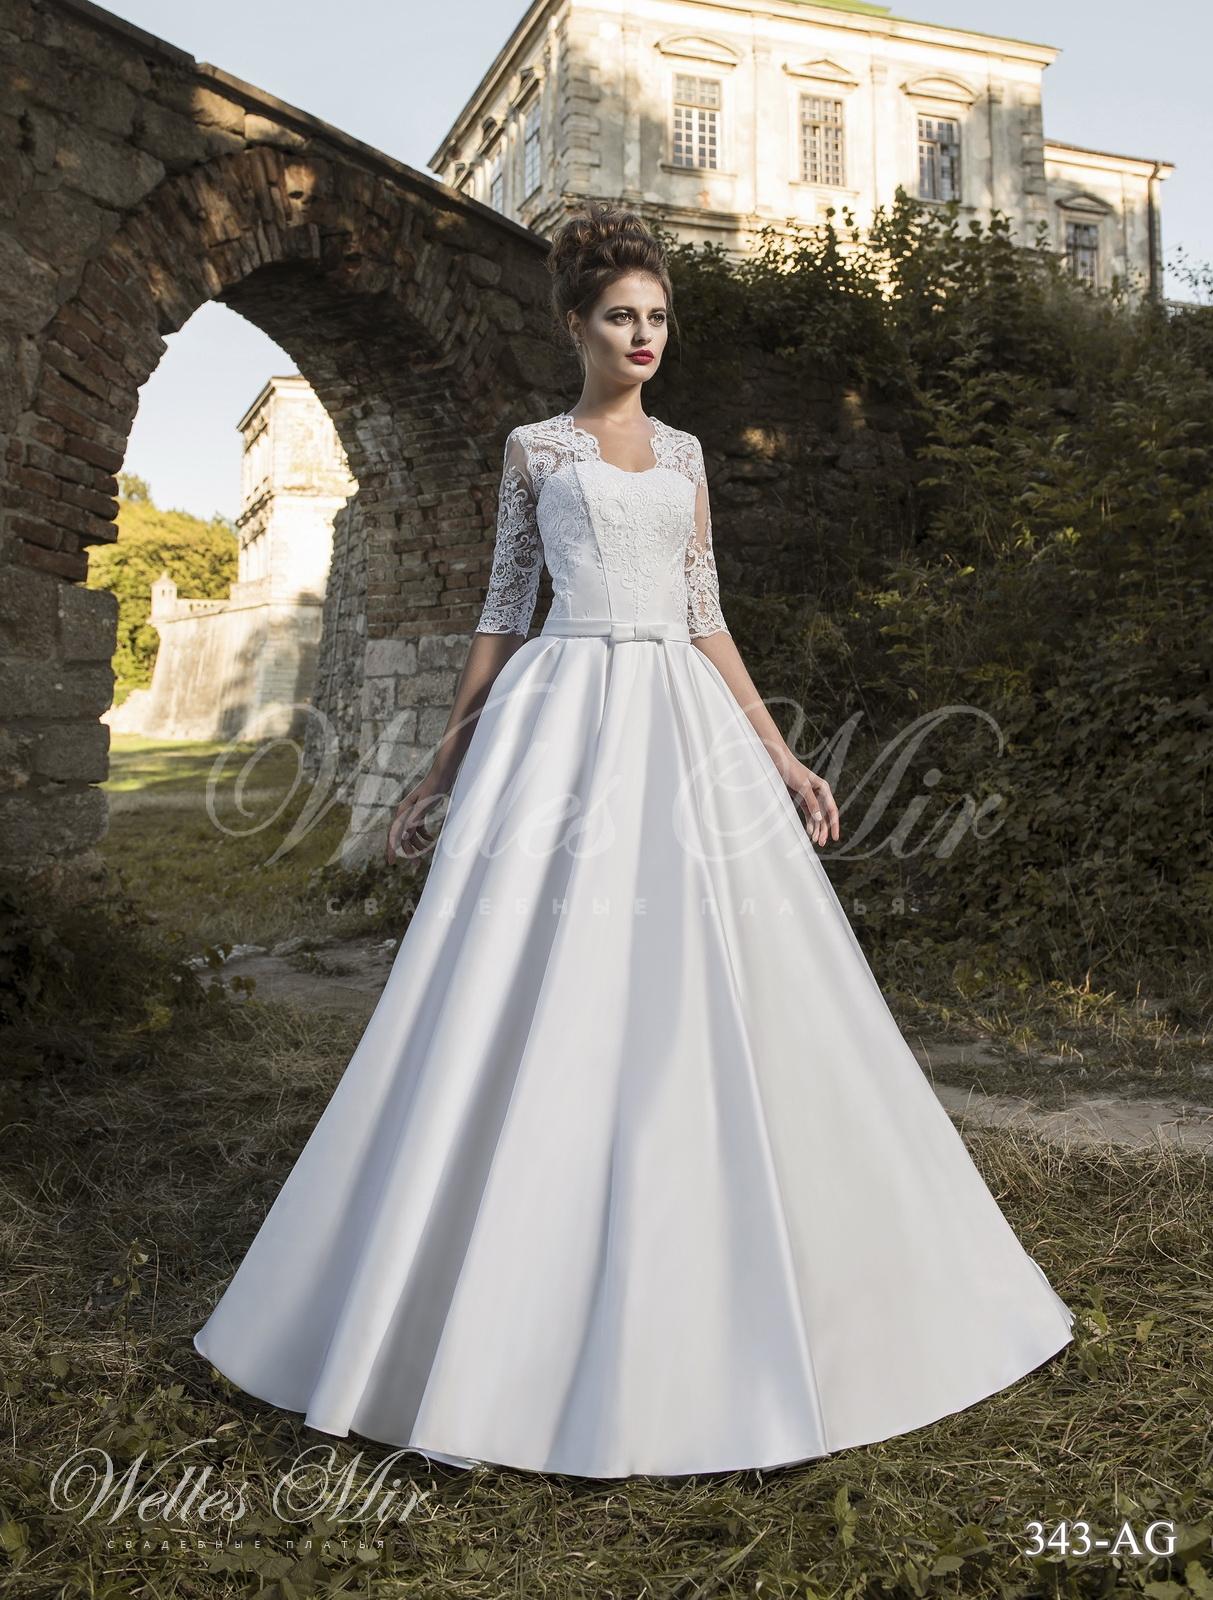 Свадебные платья Exquisite Collection - 343-AG